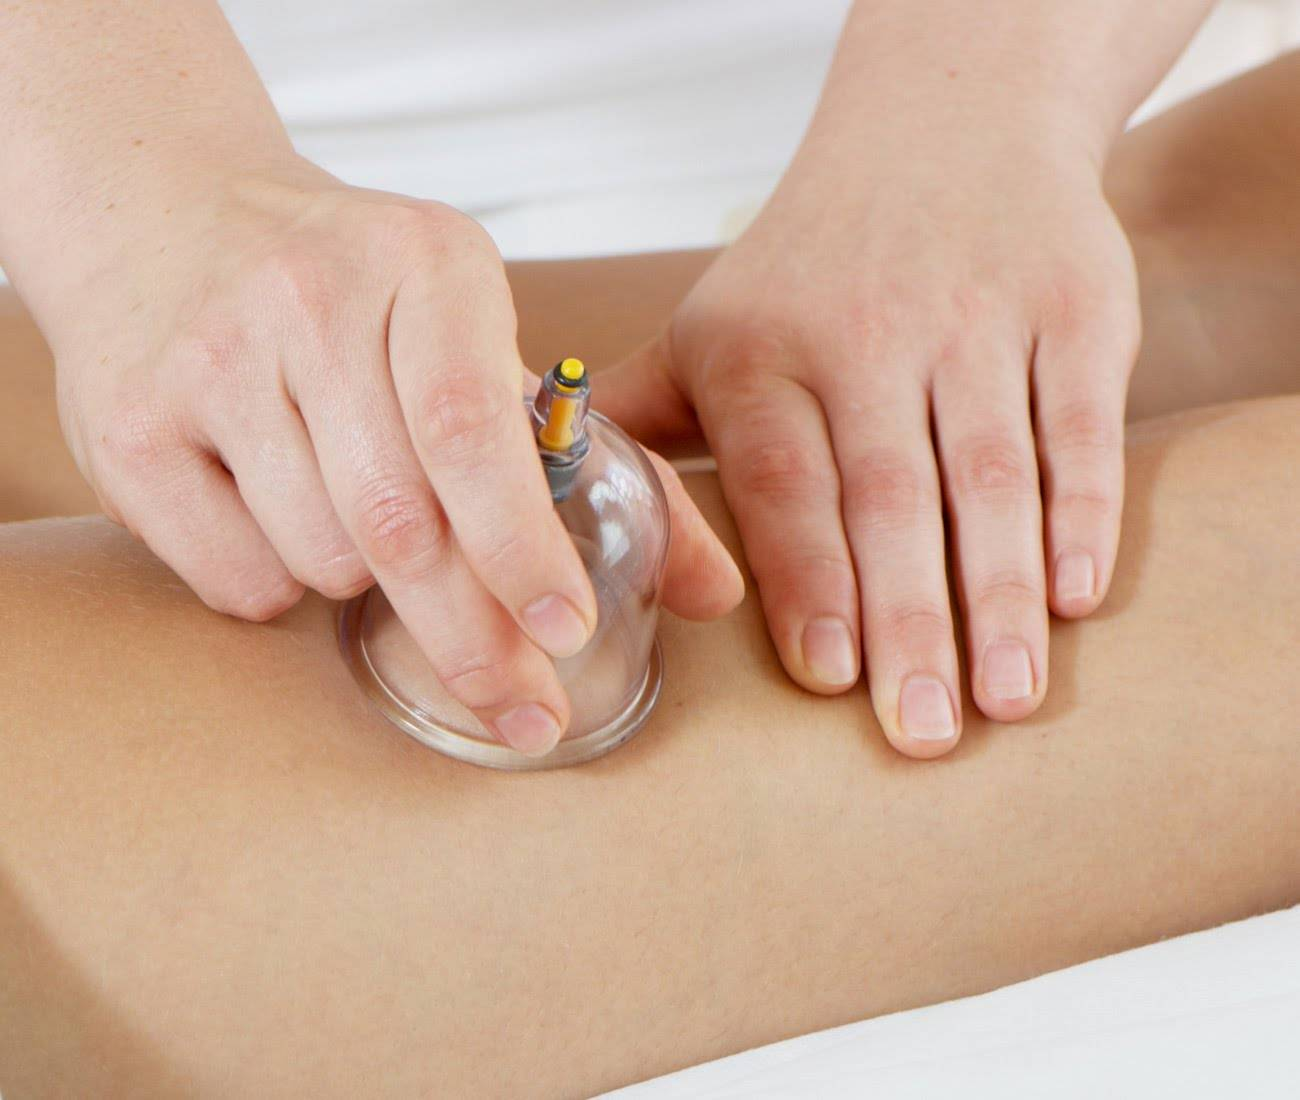 Вакуумный (баночный) массаж для похудения